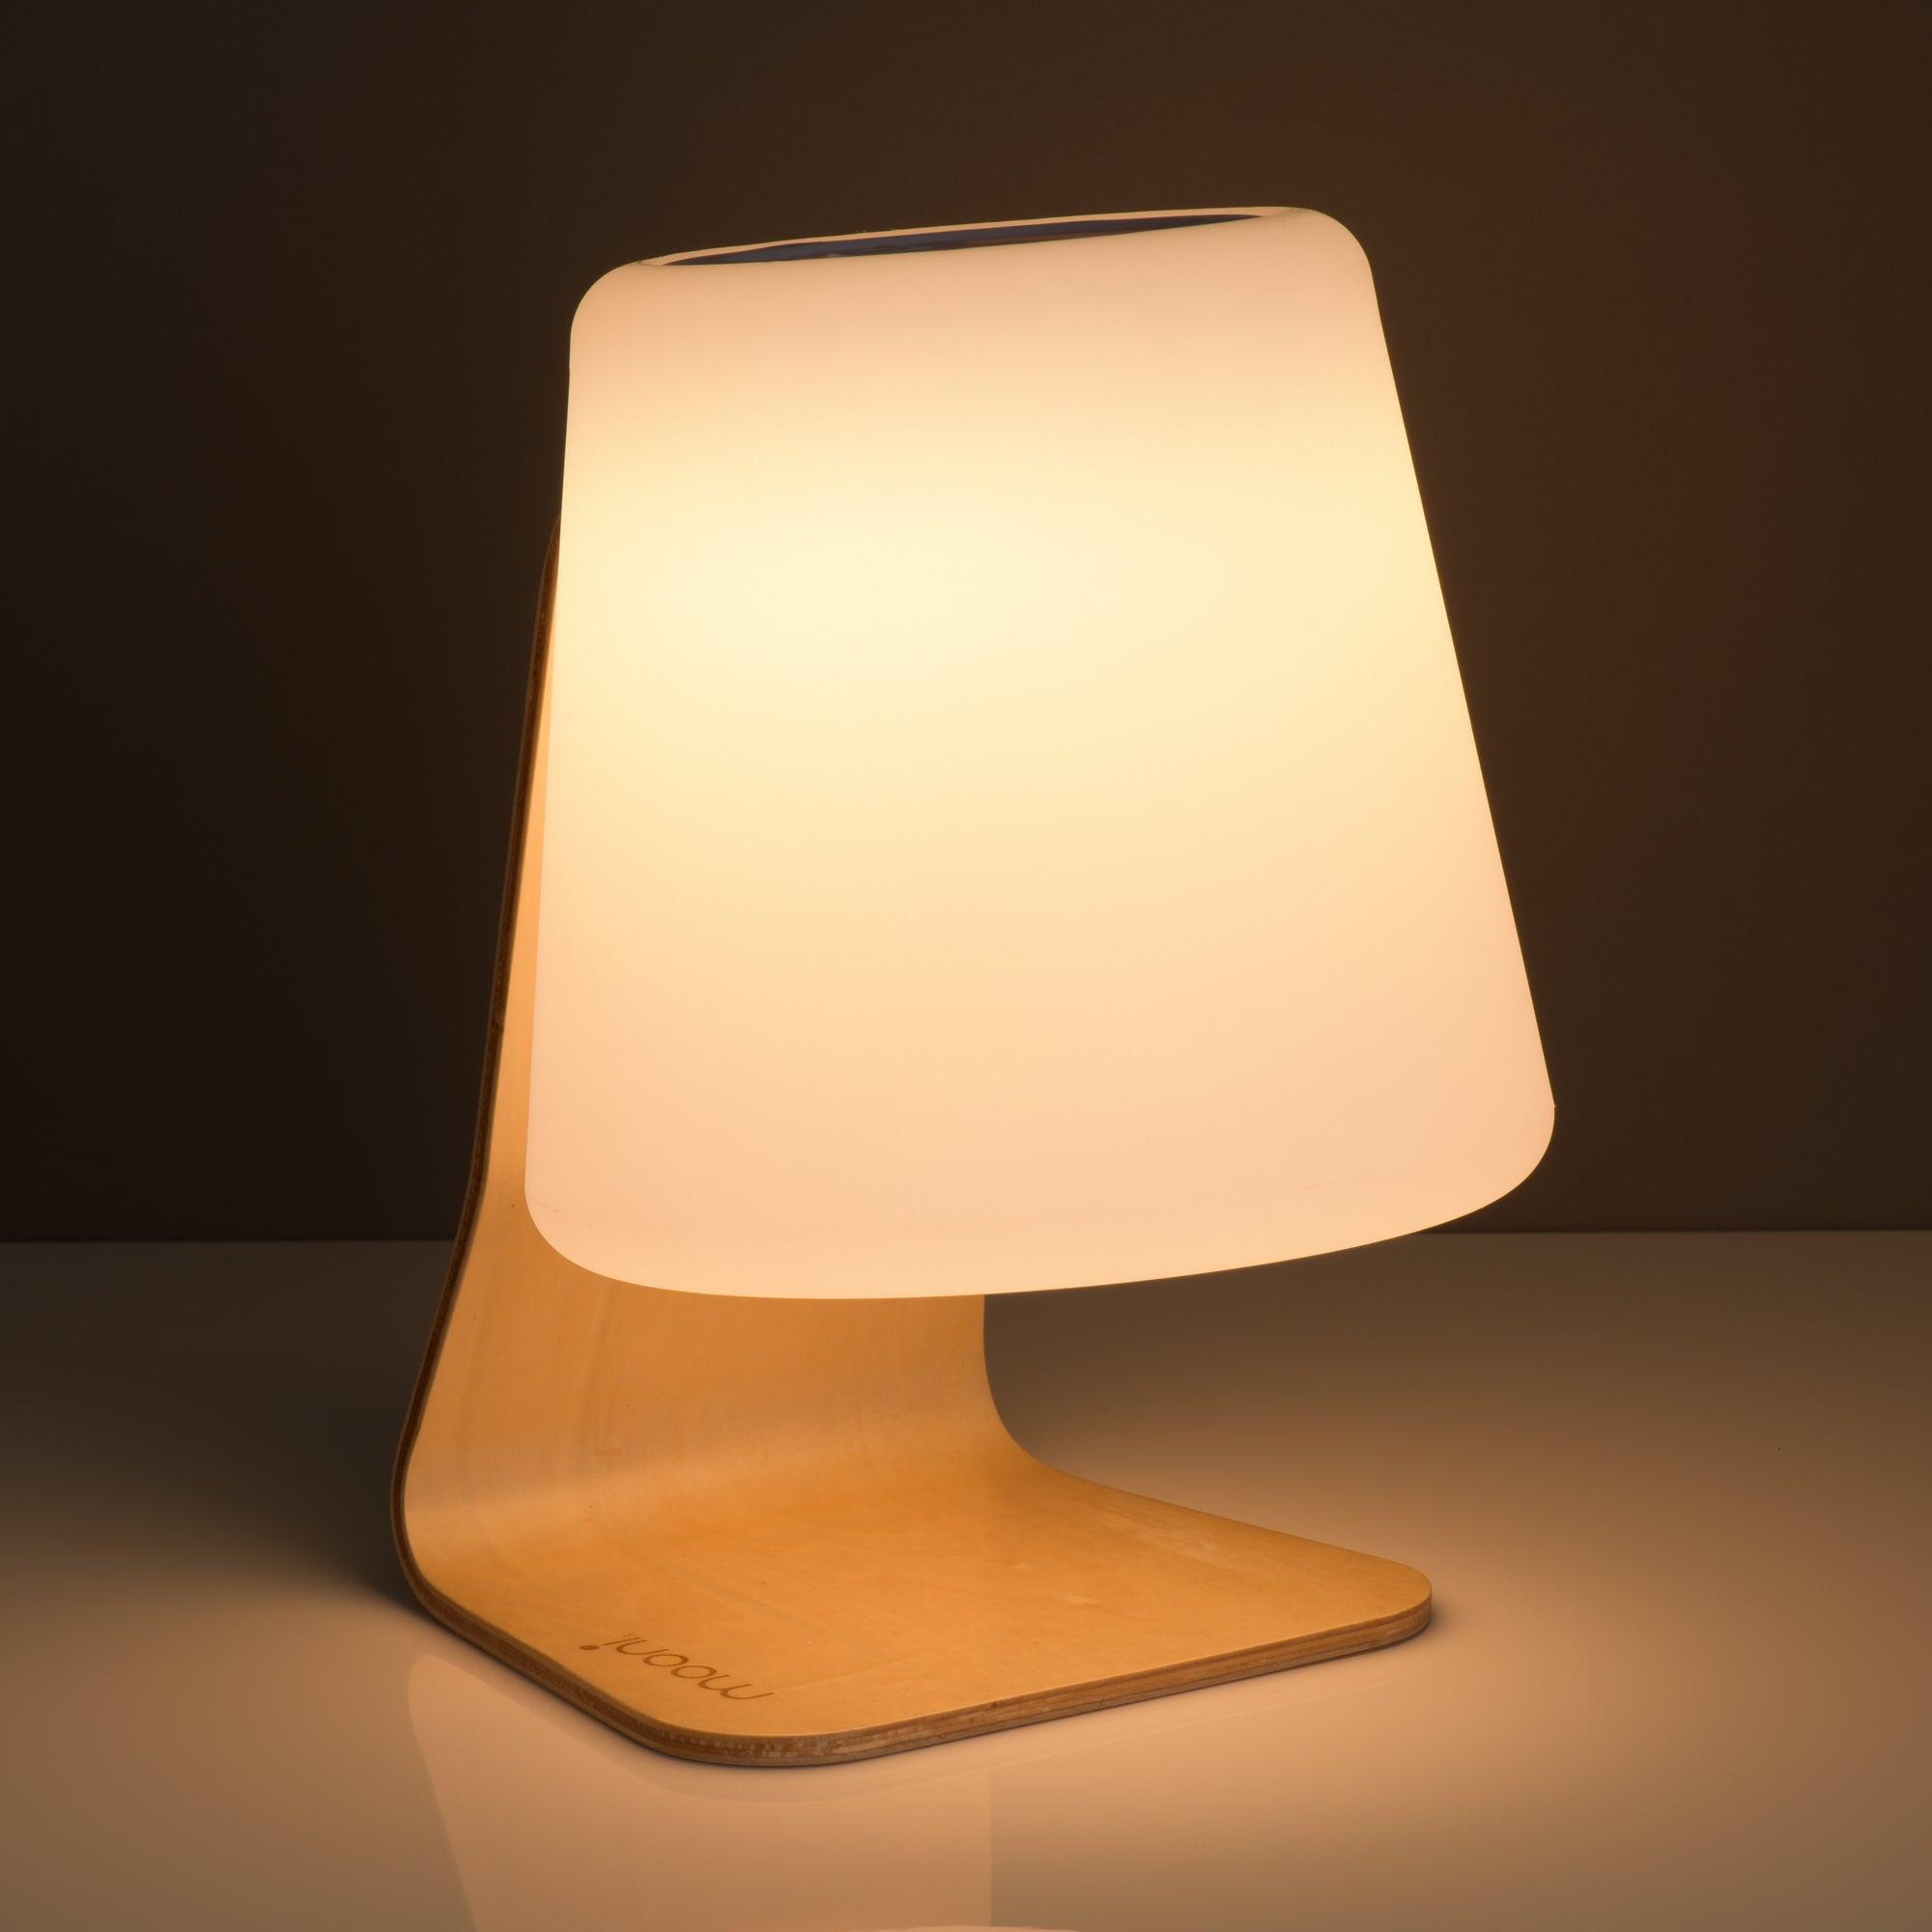 Koble Koble Modern Bluetooth Speaker Lamp Brown